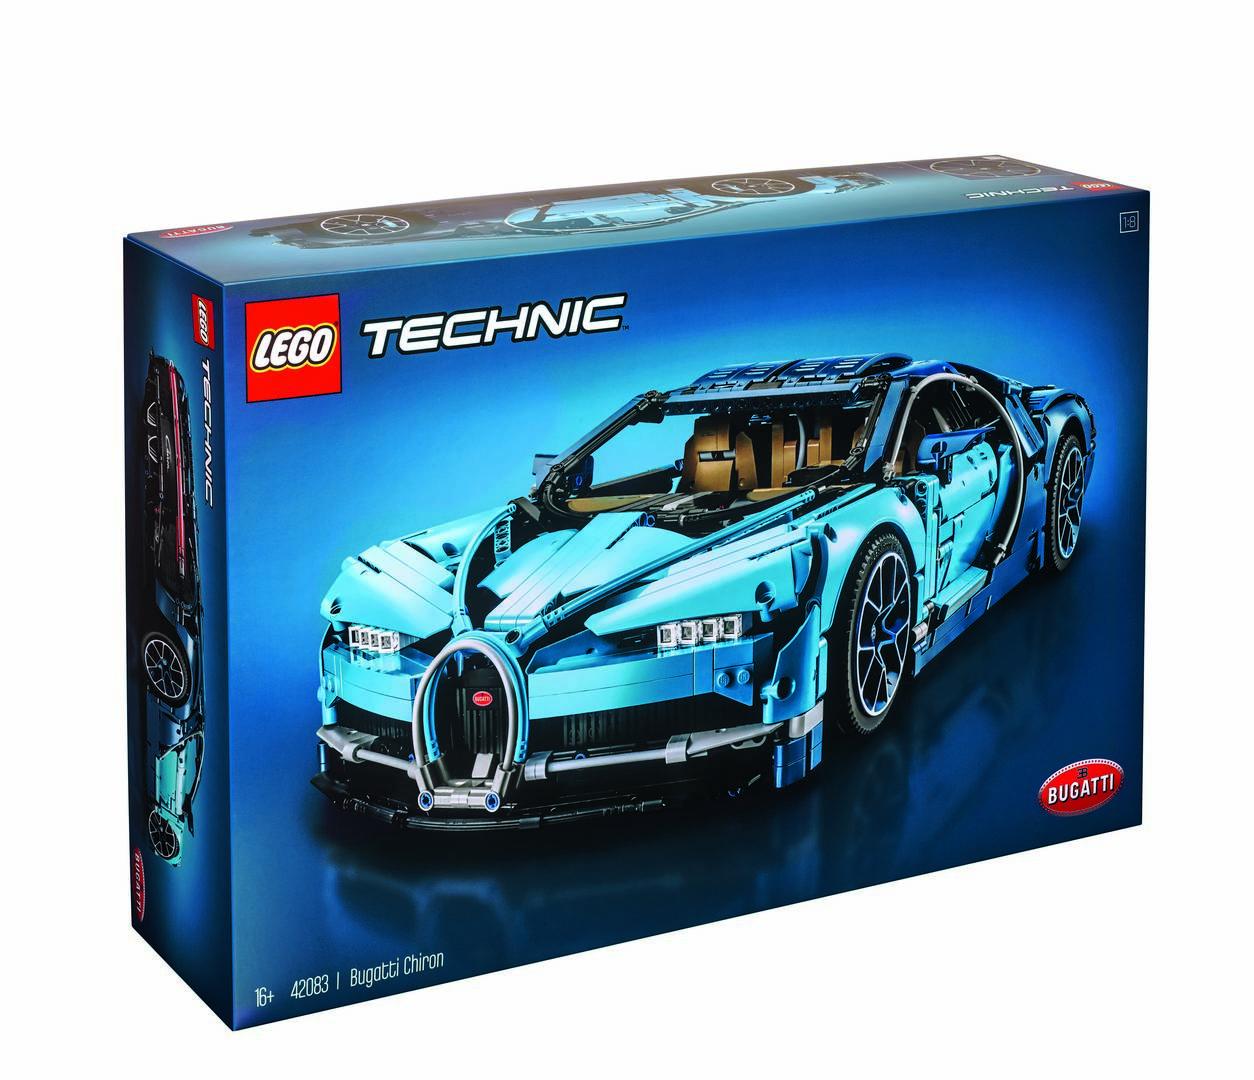 Стефан Винкельманн, президент Bugatti Automobiles S.A.S., сказал: «Благодаря проверенной экспертизе дизайна и технологий LEGO Group и Bugatti являются эпитомами их сегментов бренда. Модель LEGO Technic ™ Bugatti Chiron - это выражение идеальной взаим